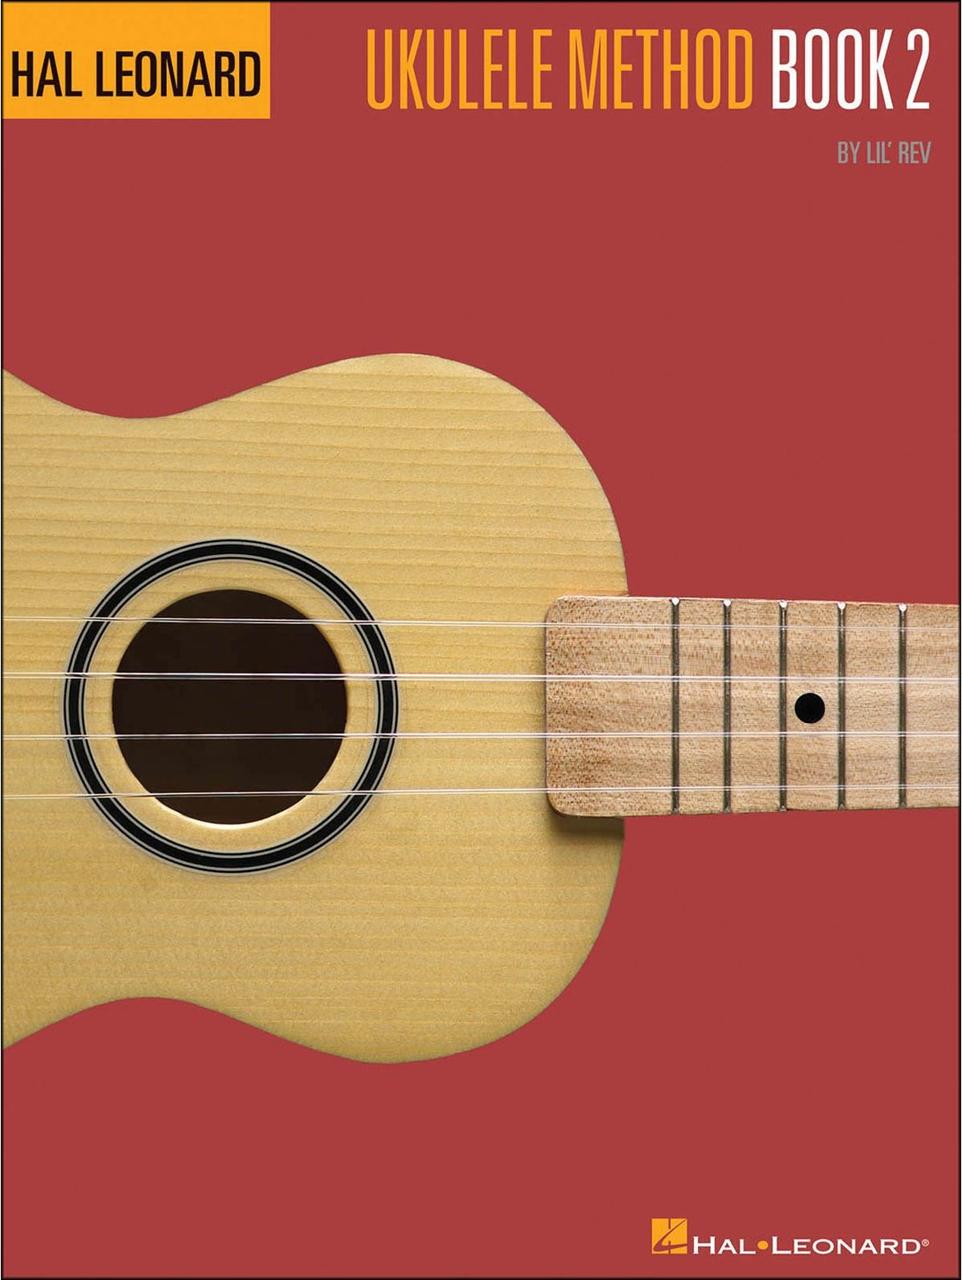 Hal Leonard Ukulele Method Book 2 & CD